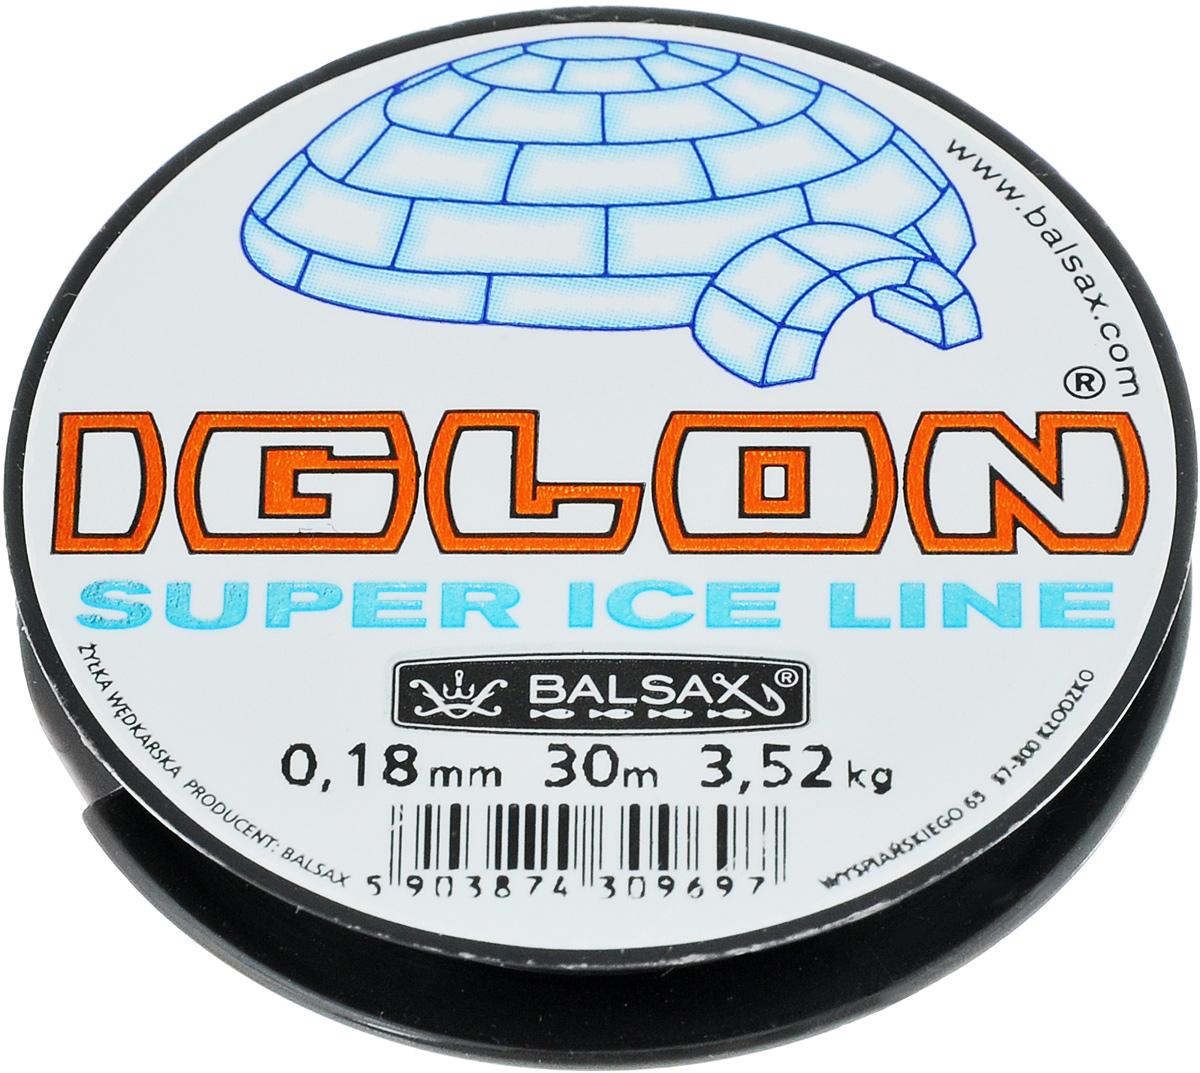 Леска зимняя Balsax Iglon, 30 м, 0,18 мм, 3,52 кг312-06006Леска зимняя Balsax Iglon изготовлена из 100% нейлона и очень хорошо выдерживает низкие температуры.Поверхность лески обработана таким образом, что она не обмерзает и отлично подходит для подледного лова. Прочна в местах вязки узлов даже при минимальном диаметре.